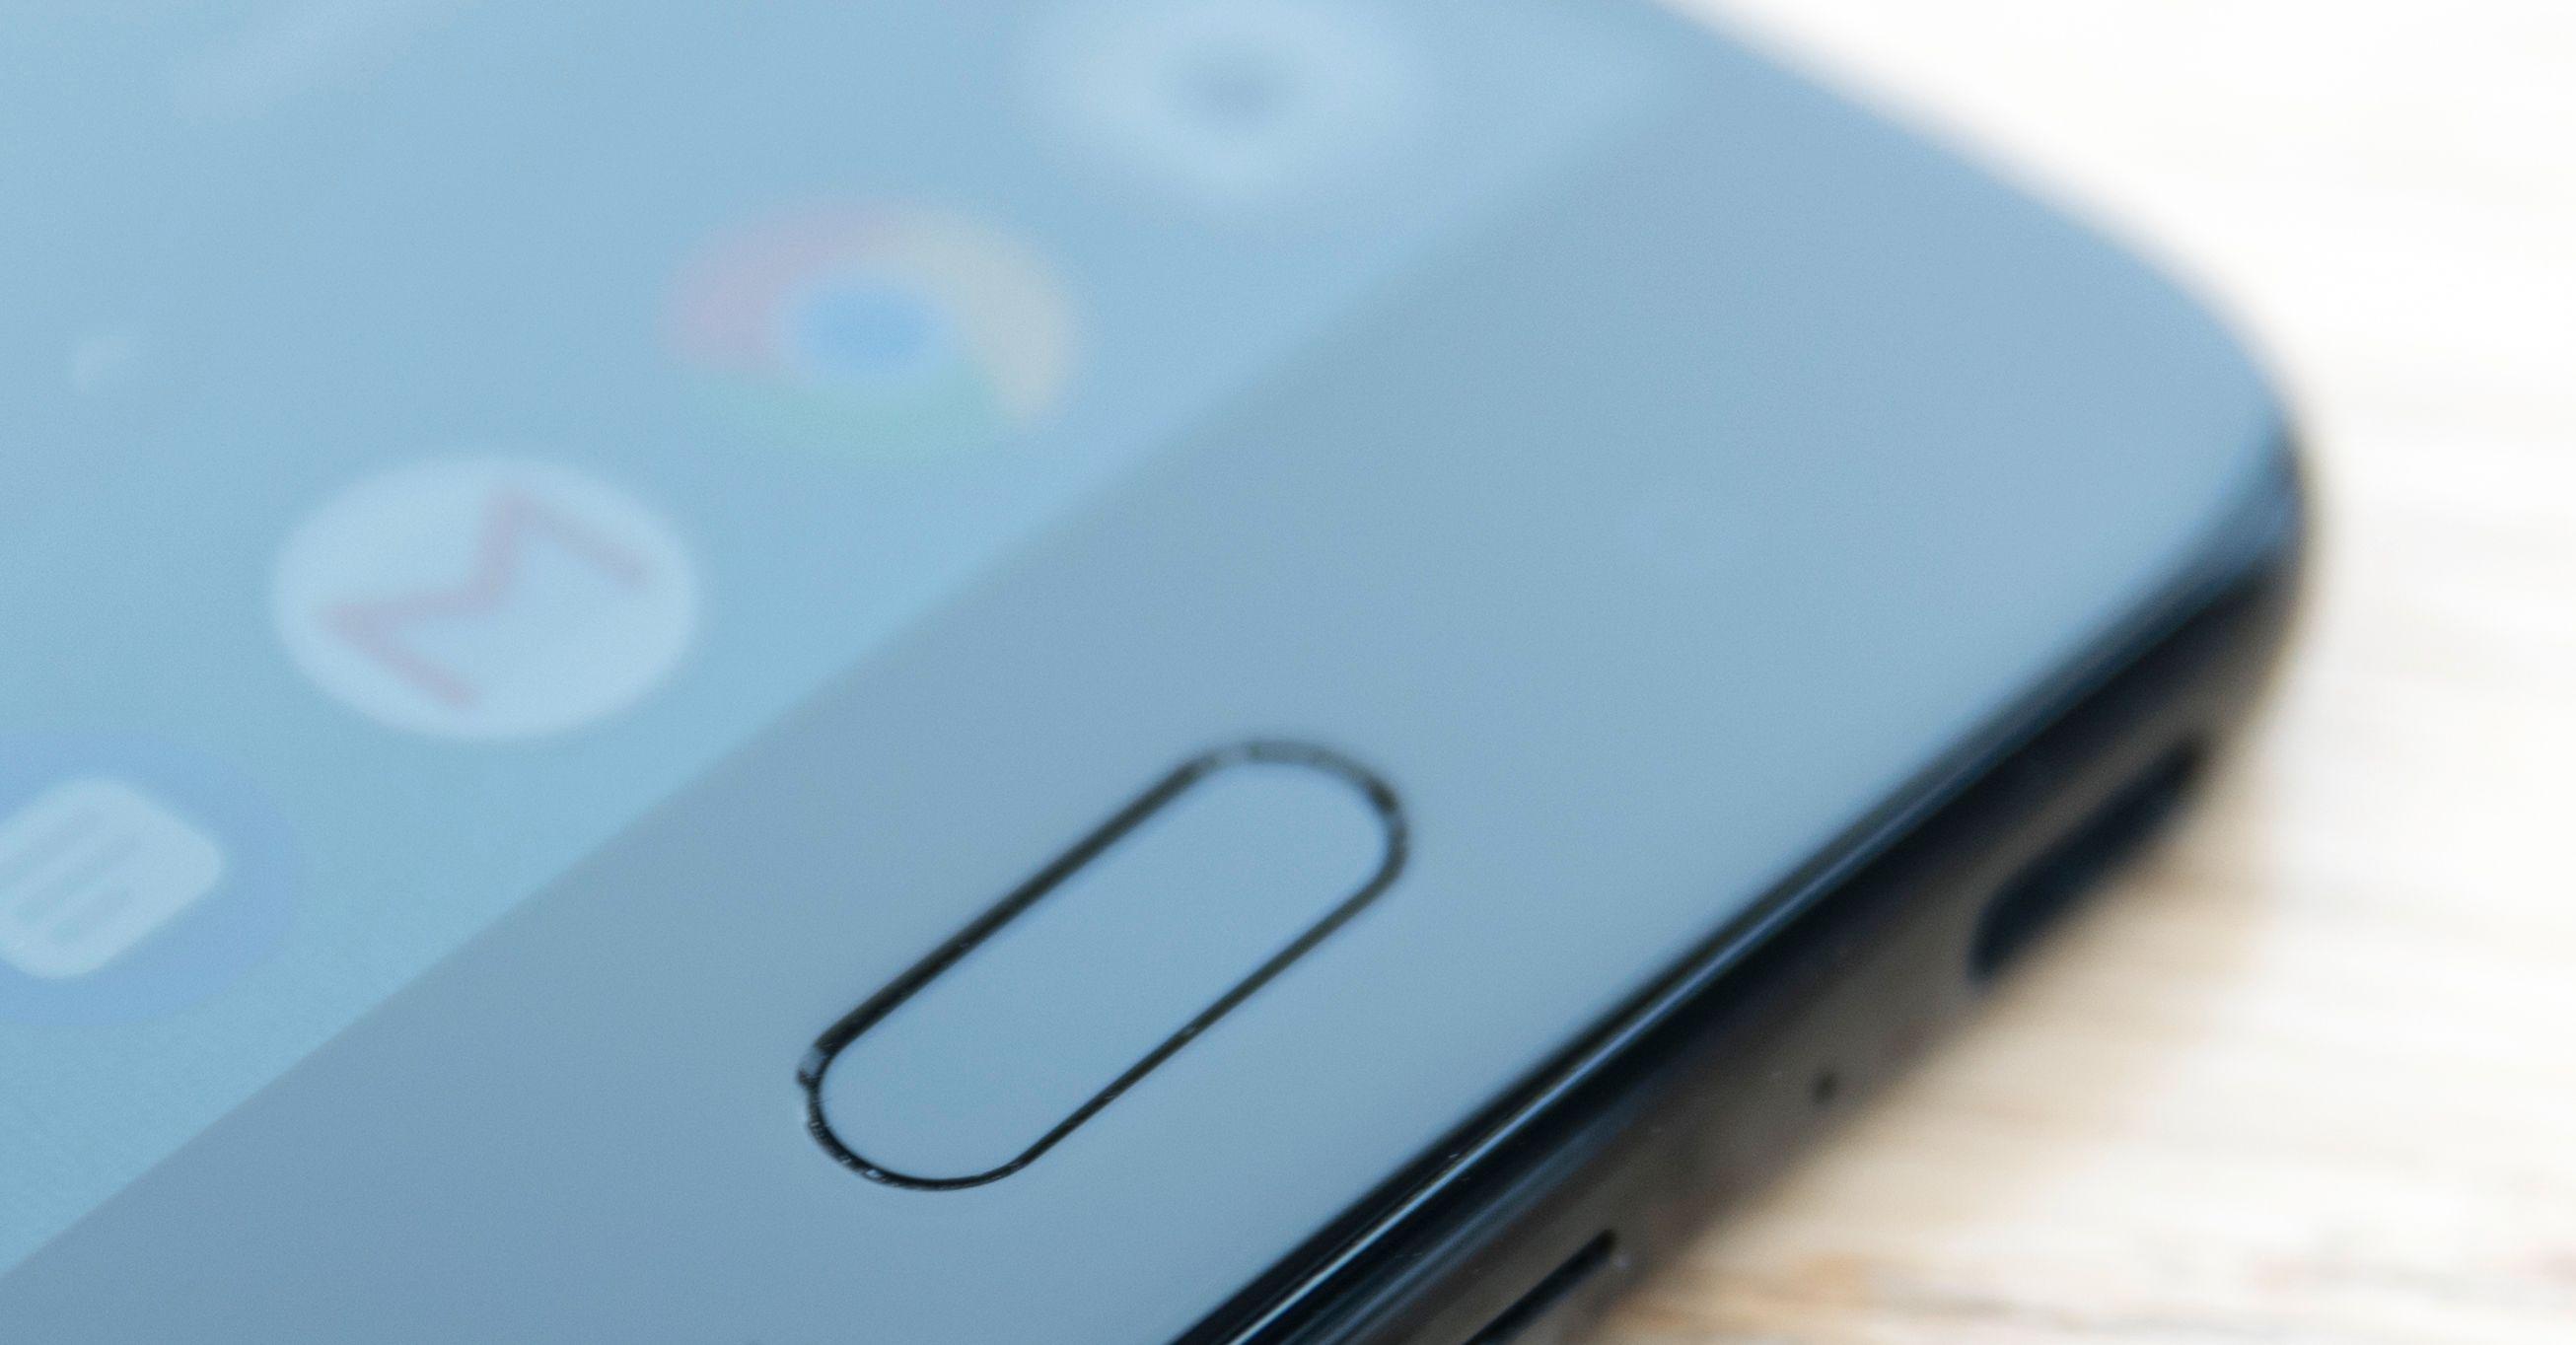 HTCs fingerleser er som vanlig litt smal. Det kan være litt irriterende når den trenes opp og vil ha veldig mange berøringer, men i vanlig bruk fungerer den godt.